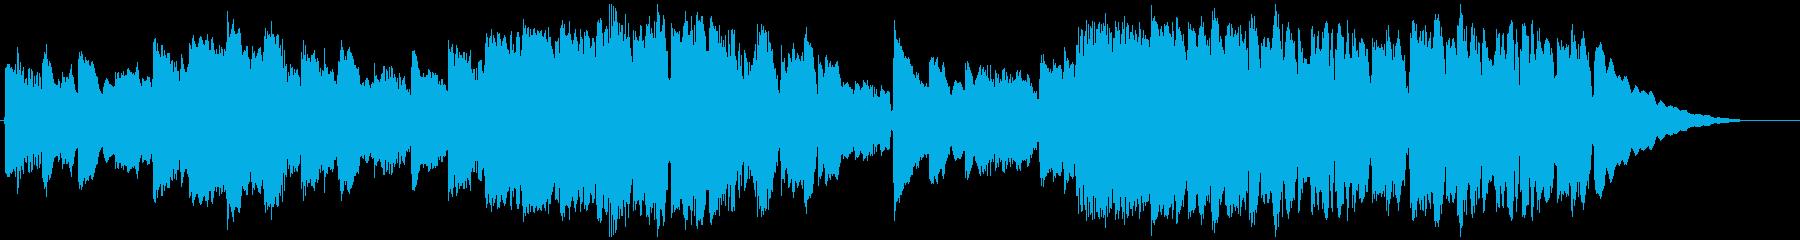 スペーシーなムードのオルタナティブ...の再生済みの波形